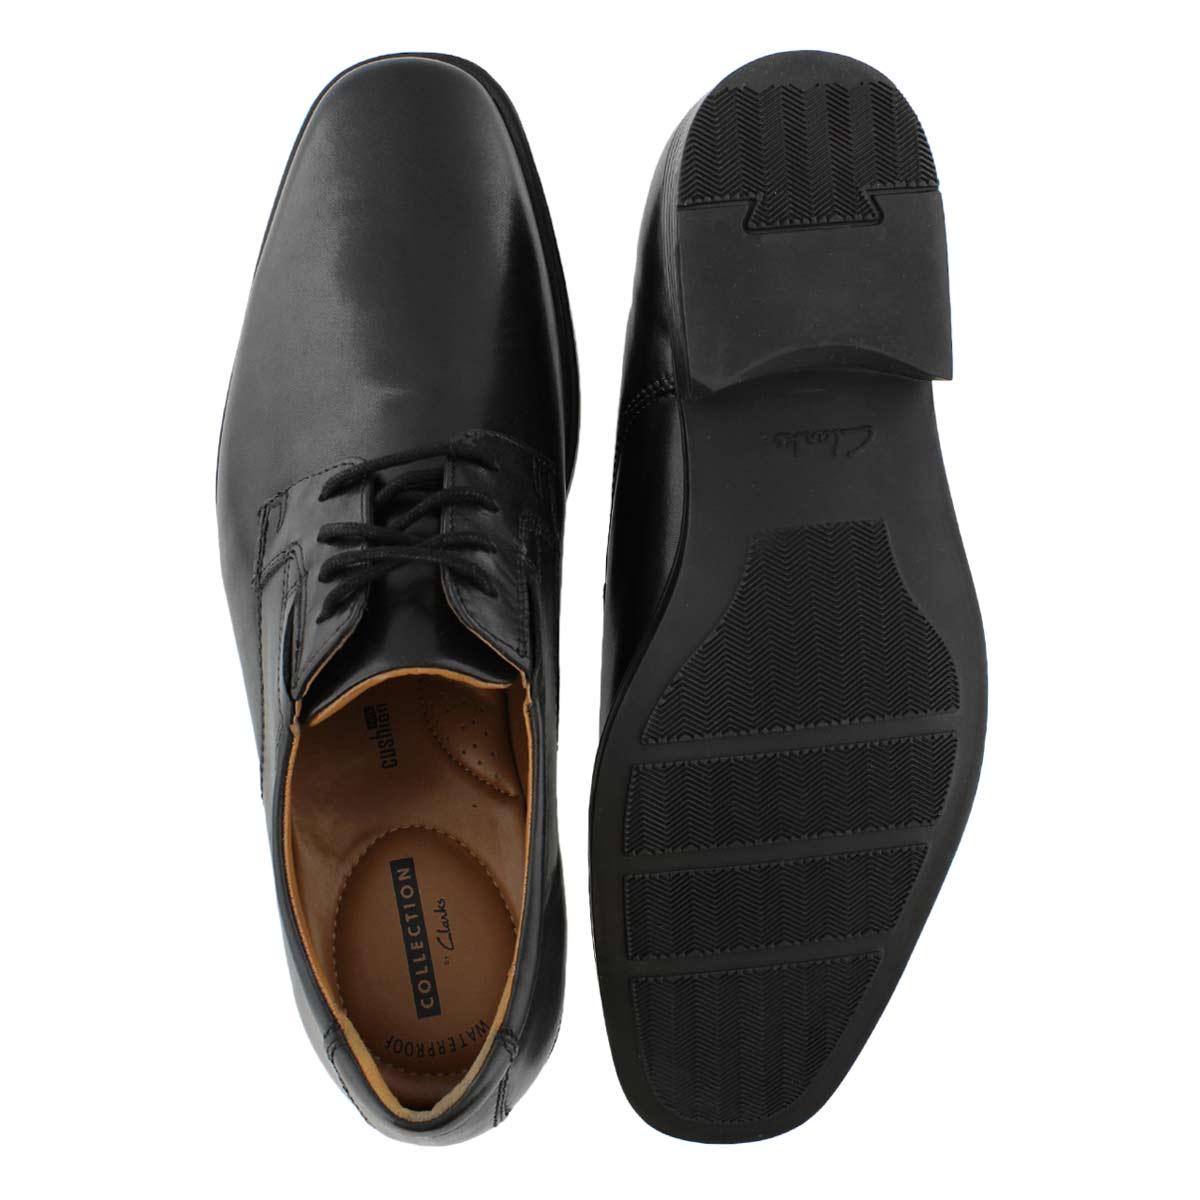 Mns Tilden Plain II WP blk wtpf dress ox